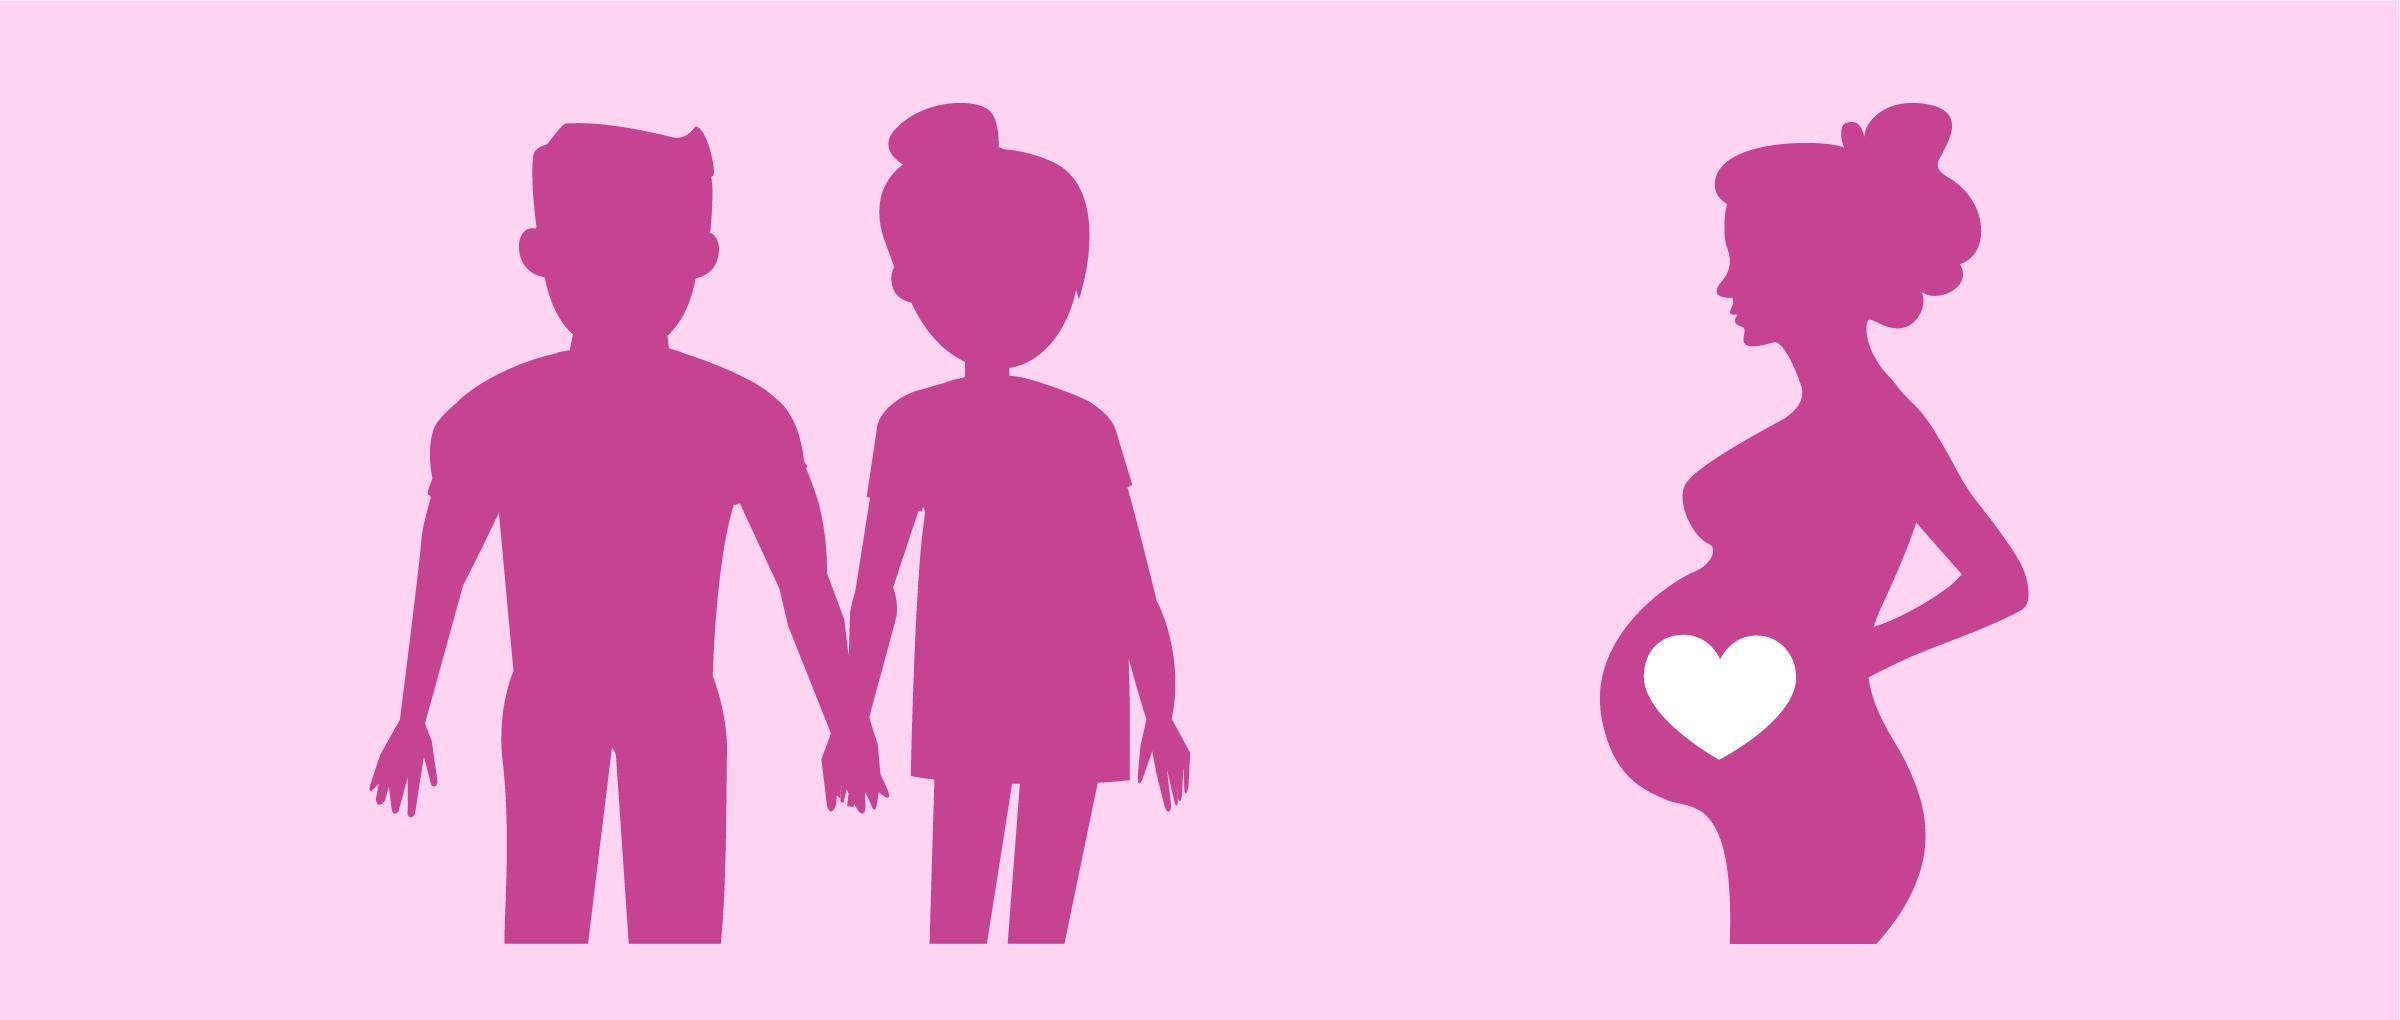 Mères porteuses ou gestatrices: qui sont-elles?